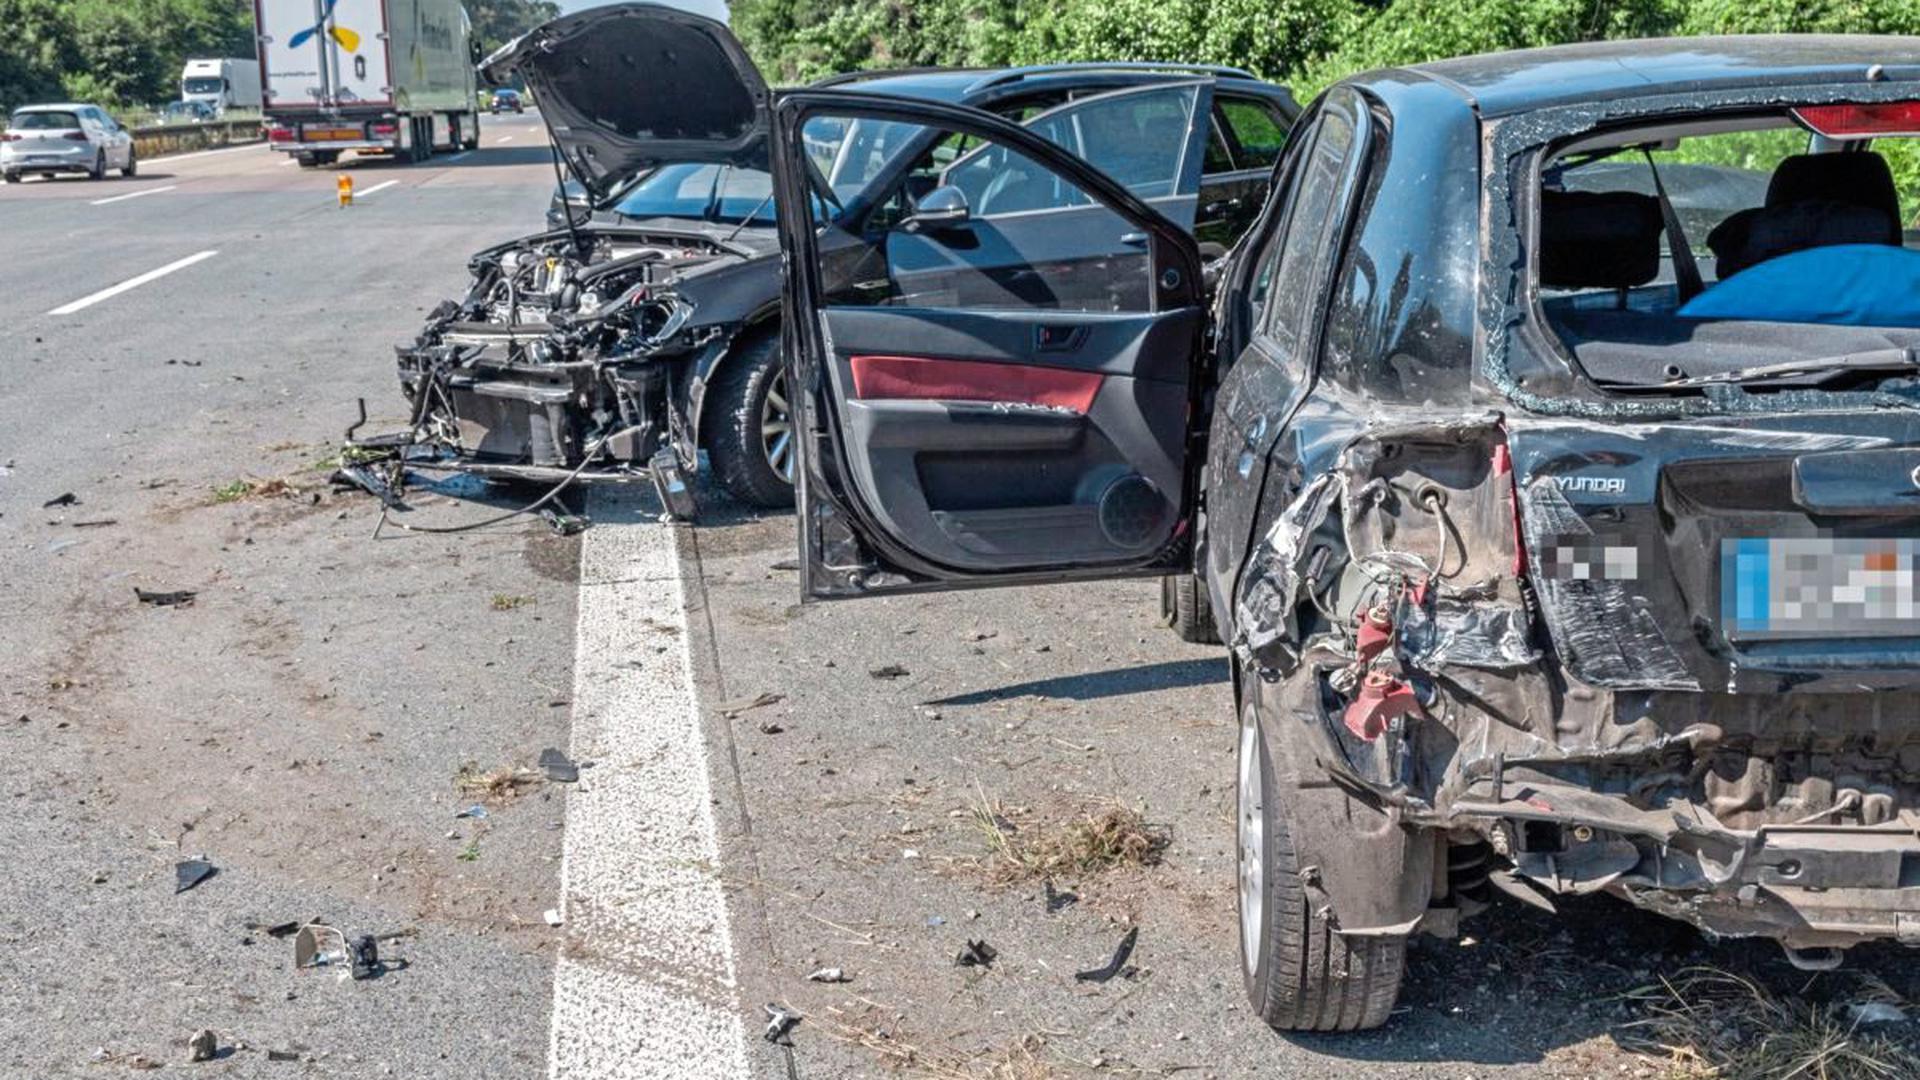 Bei einem Auffahrunfall zwischen zwei Fahrzeugen auf der A5 bei Bruchsal sind am Samstagvormittag drei Menschen leicht verletzt worden. Es entstand ein langer Rückstau, für den jedoch keine Gaffer verantwortlich waren.